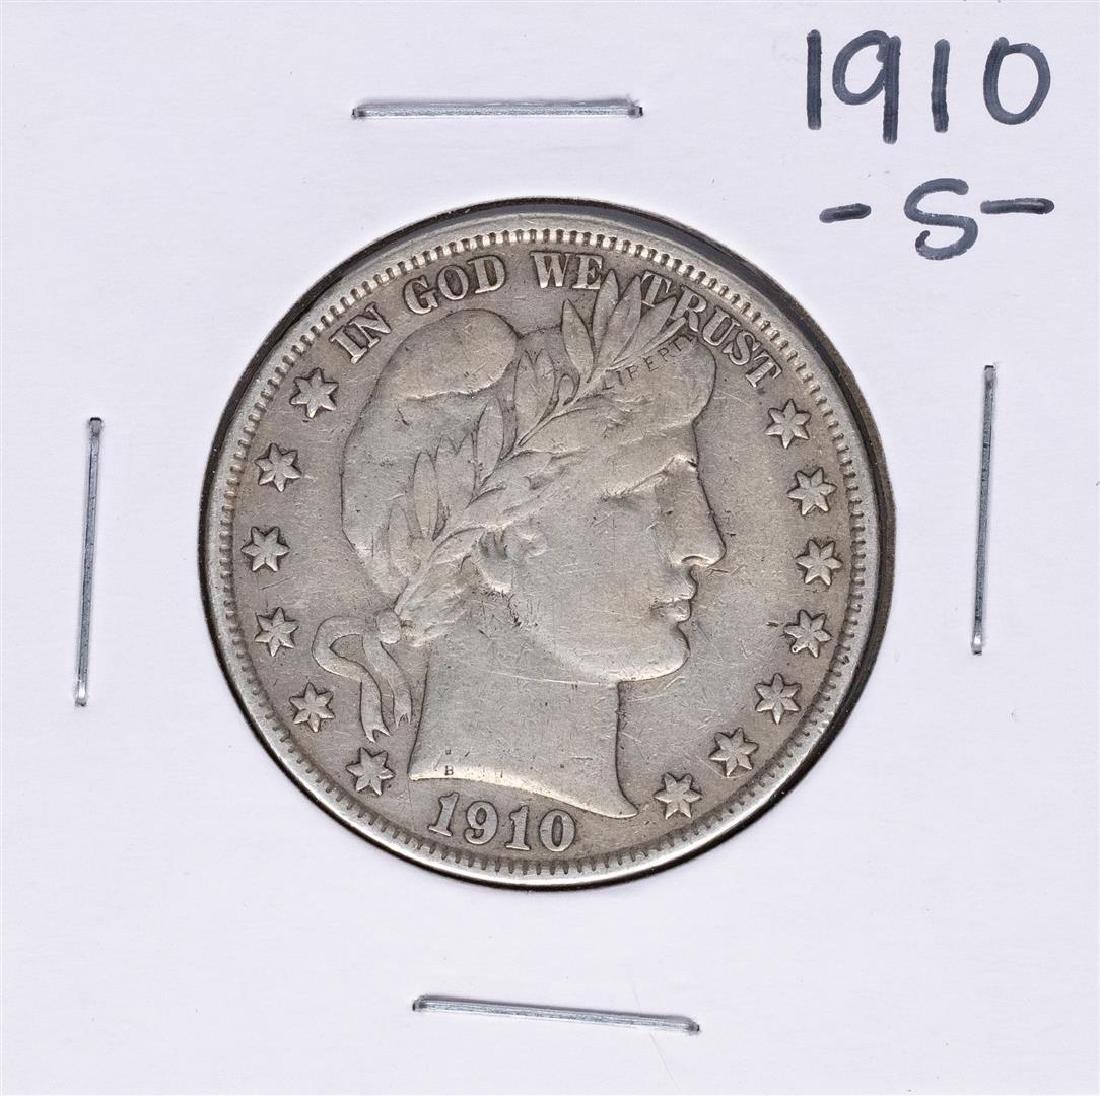 1910-S Barber Half Dollar Coin